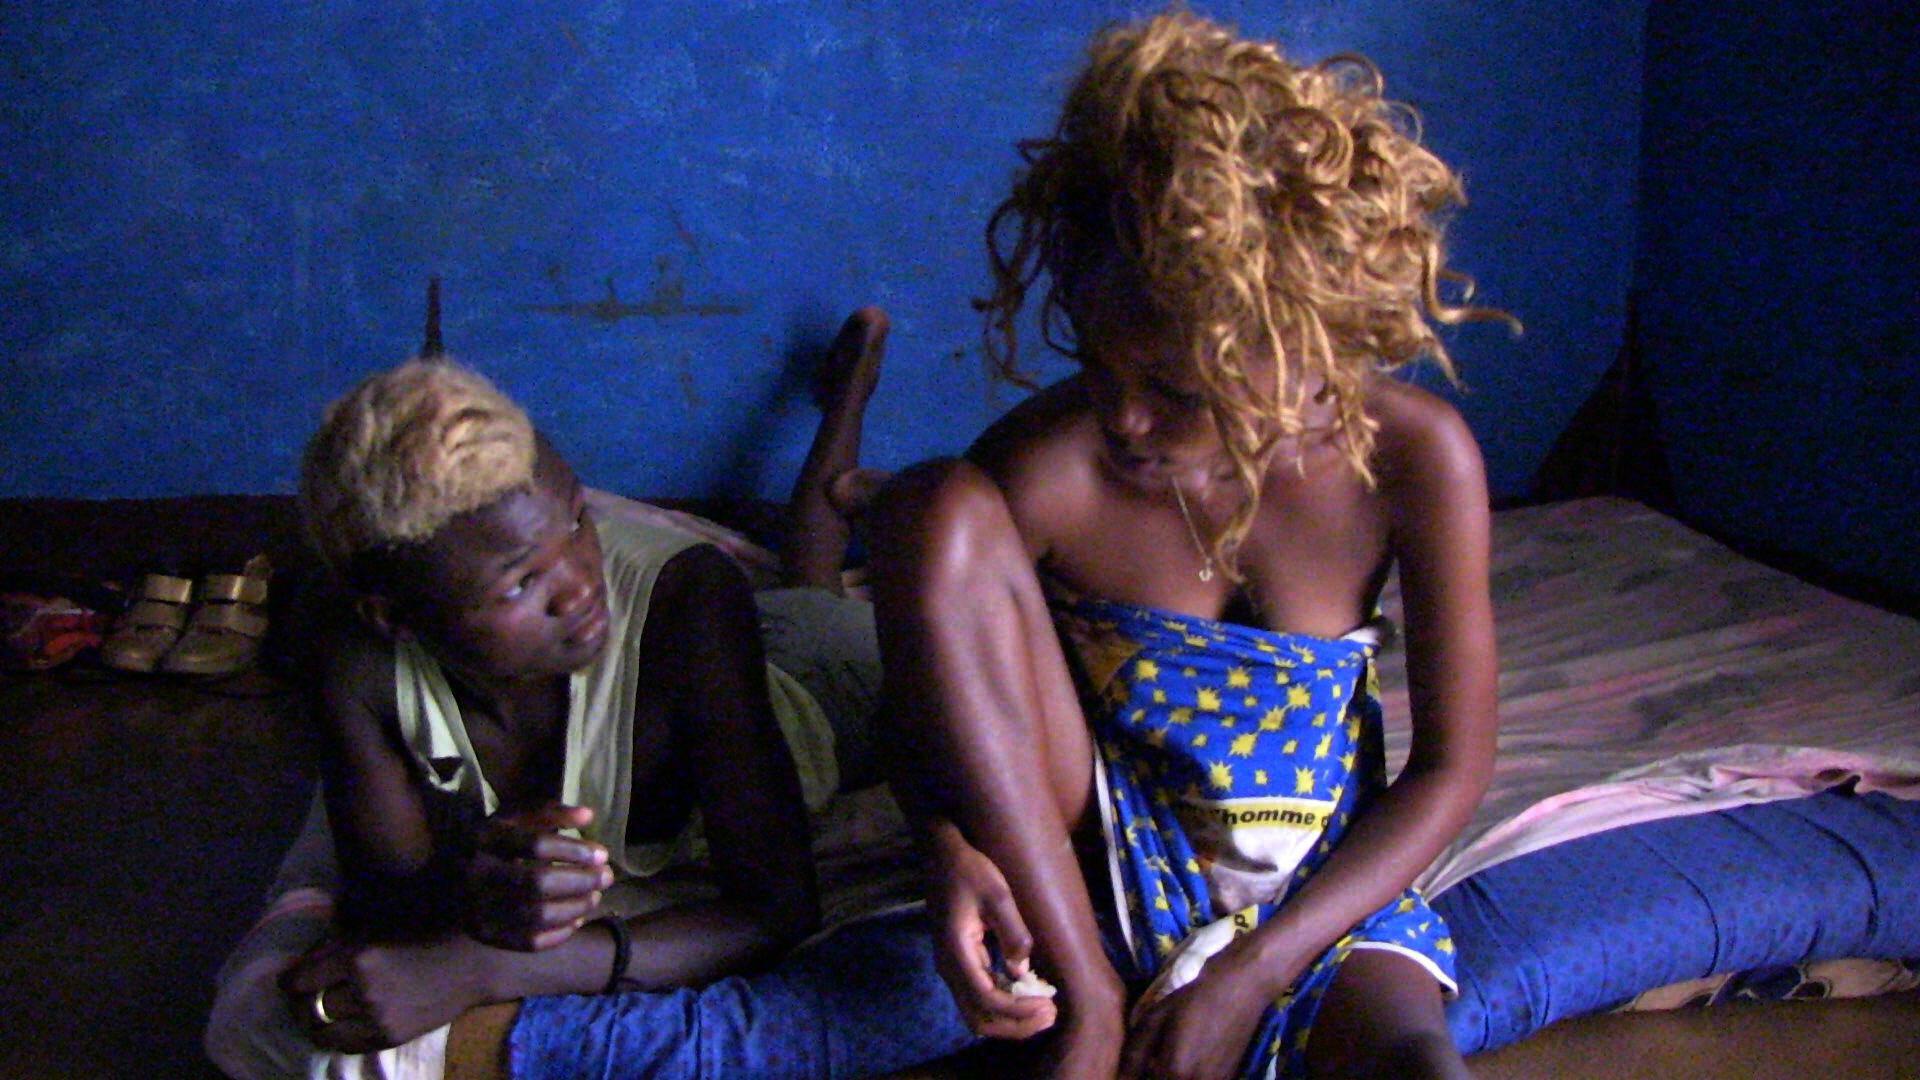 « Mbi Na Mo », documentaire de Rafiki Fariala (France, République Centrafricaine), sélectionné au Festival international du documentaire (Fipadoc) à Biarritz.